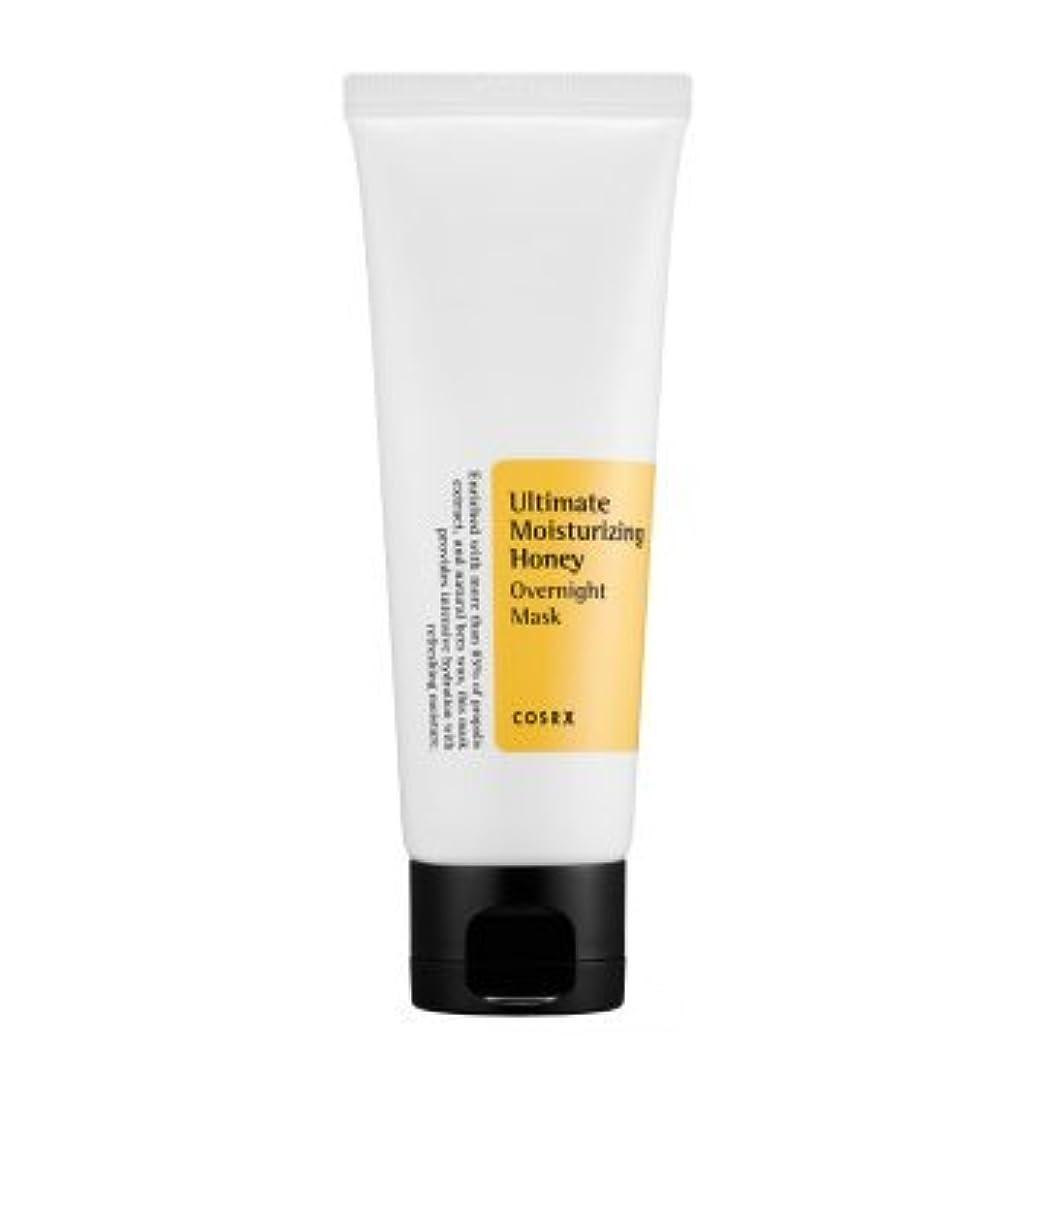 メロディアス時代酸化するCOSRX アルティメット モイスチャライジング ハニー オーバーナイト マスク チューブタイプ(60ml) リニューアル / Ultimate Moisturizing Honey Overnight Mask [並行輸入品]